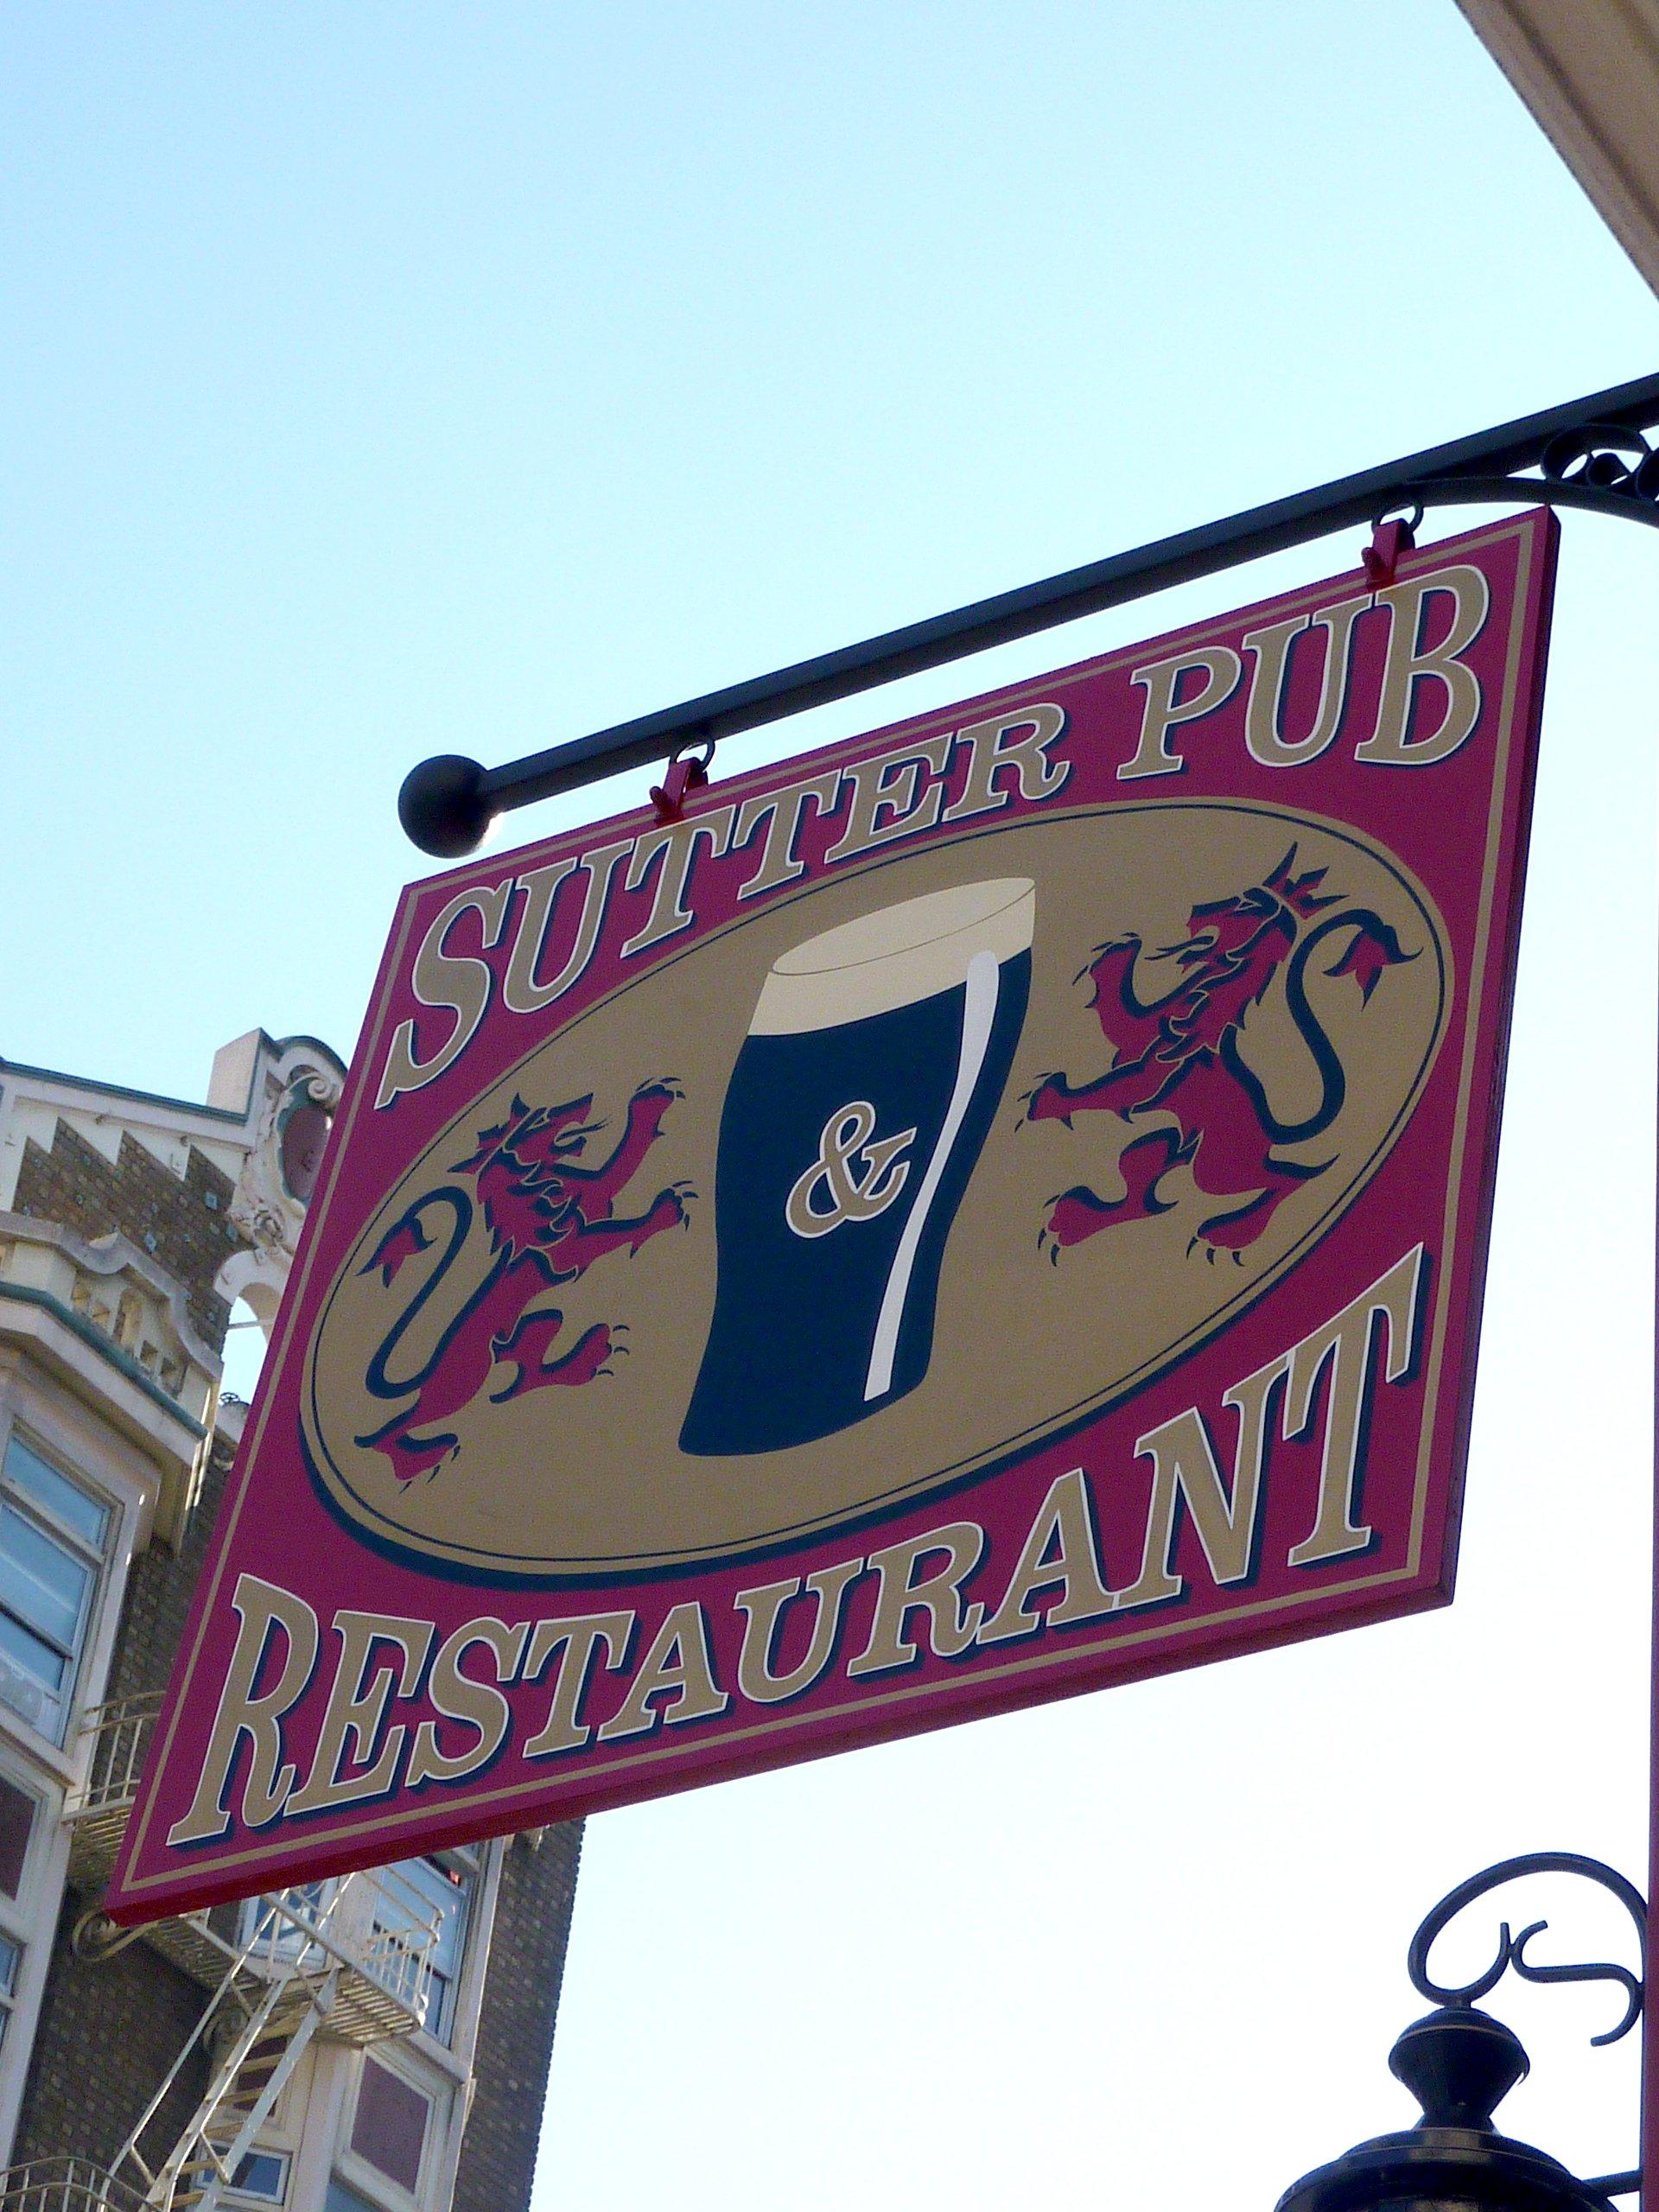 ORIG-sutter-restaurant--pub_6104975605_o.jpg